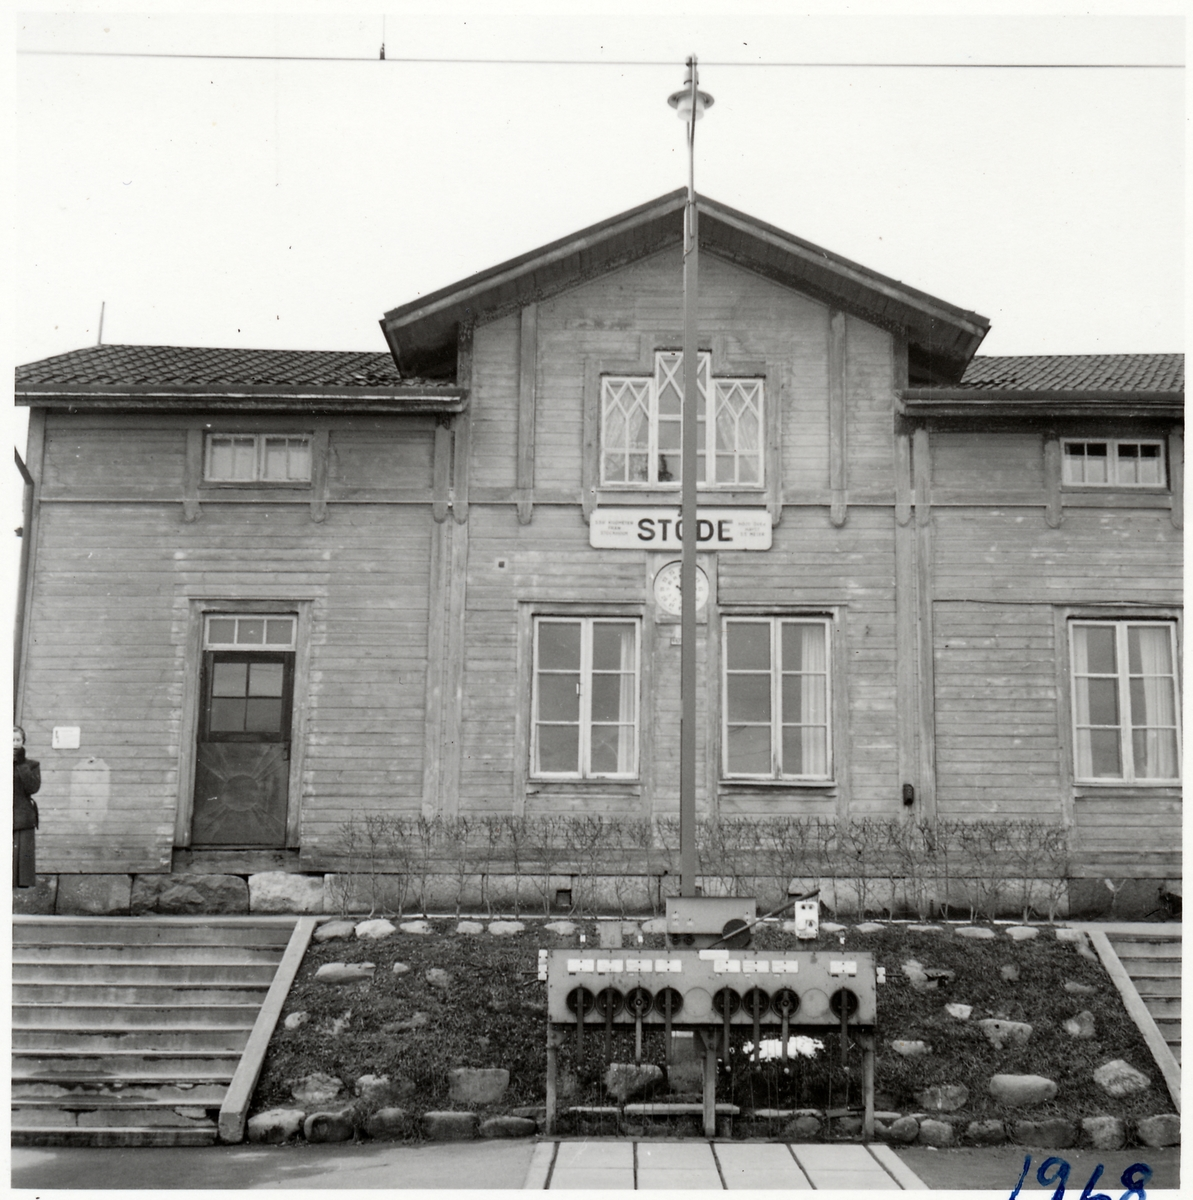 Stationshuset i Stöde.